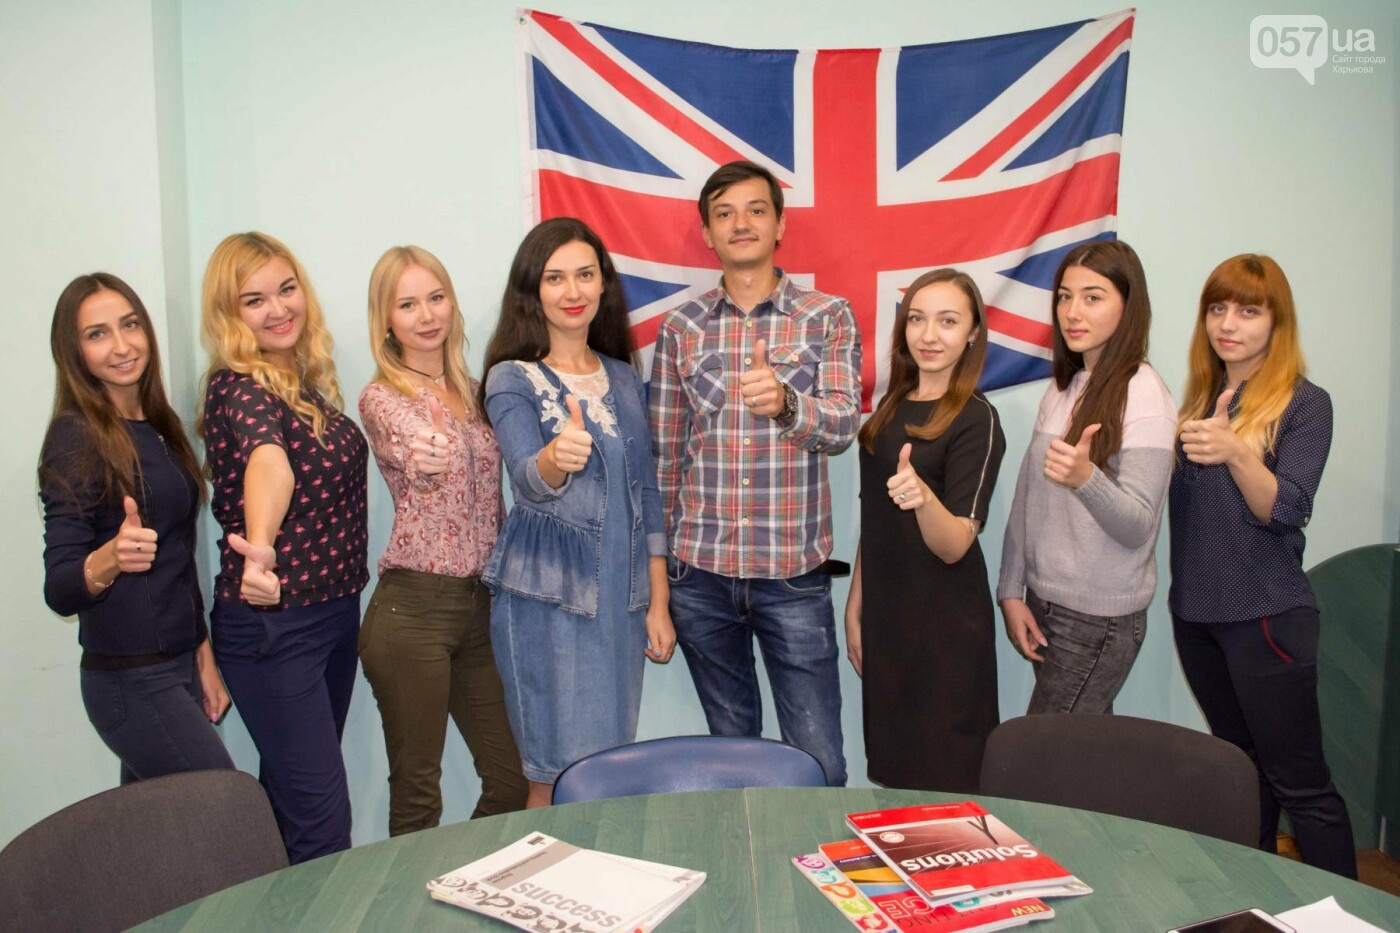 Курсы английского в Харькове ᐈ куда пойти учить английский?, фото-53